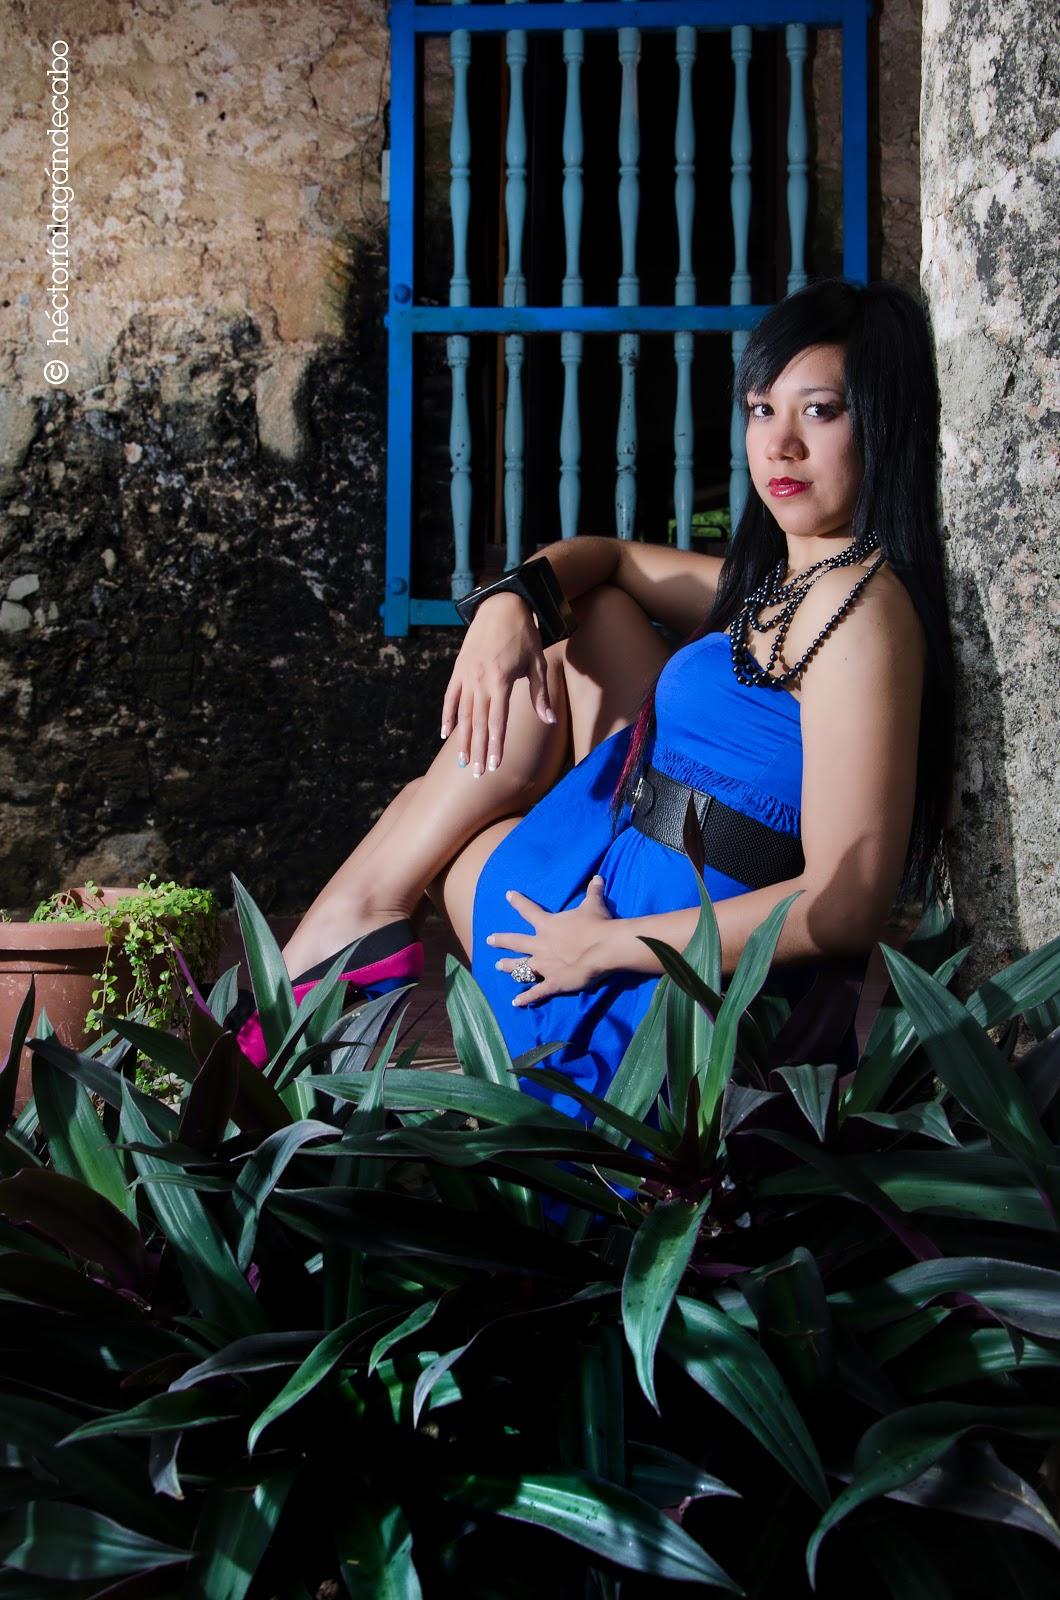 Fotografía Modelos Habana. Liannis: Habaneando. Héctor Falagán De Cabo | hfilms & photography. La Habana, Cuba.